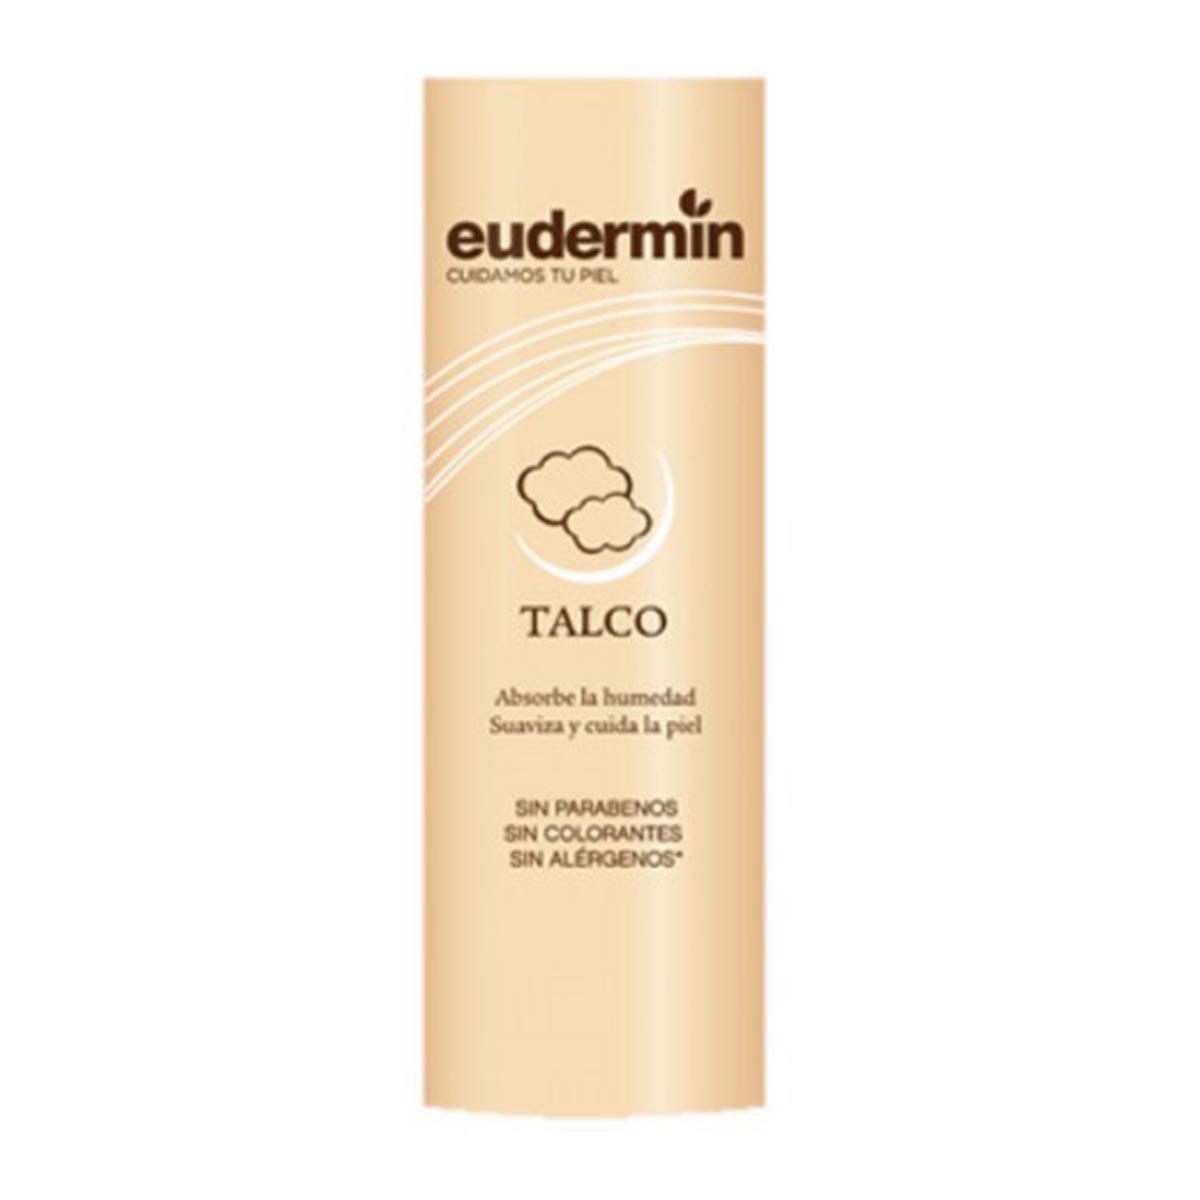 Eudermin Talco Poudre de Talc 8411014101232